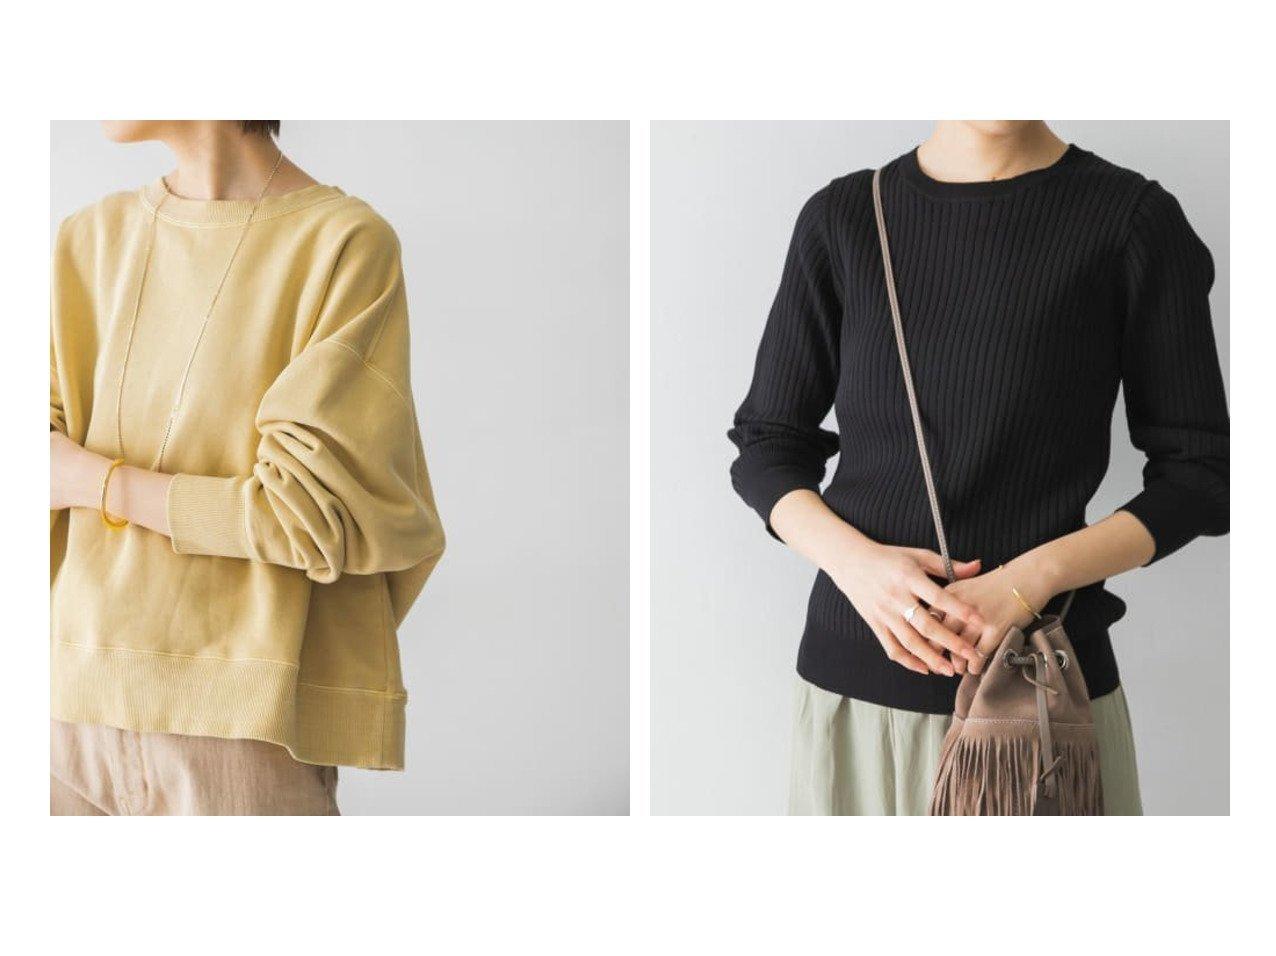 【URBAN RESEARCH/アーバンリサーチ】のピグメントカラースウェット&Nコンパクトリブニット(長袖) URBAN RESEARCHのおすすめ!人気、トレンド・レディースファッションの通販  おすすめで人気の流行・トレンド、ファッションの通販商品 メンズファッション・キッズファッション・インテリア・家具・レディースファッション・服の通販 founy(ファニー) https://founy.com/ ファッション Fashion レディースファッション WOMEN トップス Tops Tshirt パーカ Sweats スウェット Sweat ニット Knit Tops ポケット ヴィンテージ 再入荷 Restock/Back in Stock/Re Arrival 定番 Standard 春 Spring A/W 秋冬 AW Autumn/Winter / FW Fall-Winter S/S 春夏 SS Spring/Summer インナー キャミワンピース セーター プリント ベーシック 冬 Winter 長袖  ID:crp329100000017409